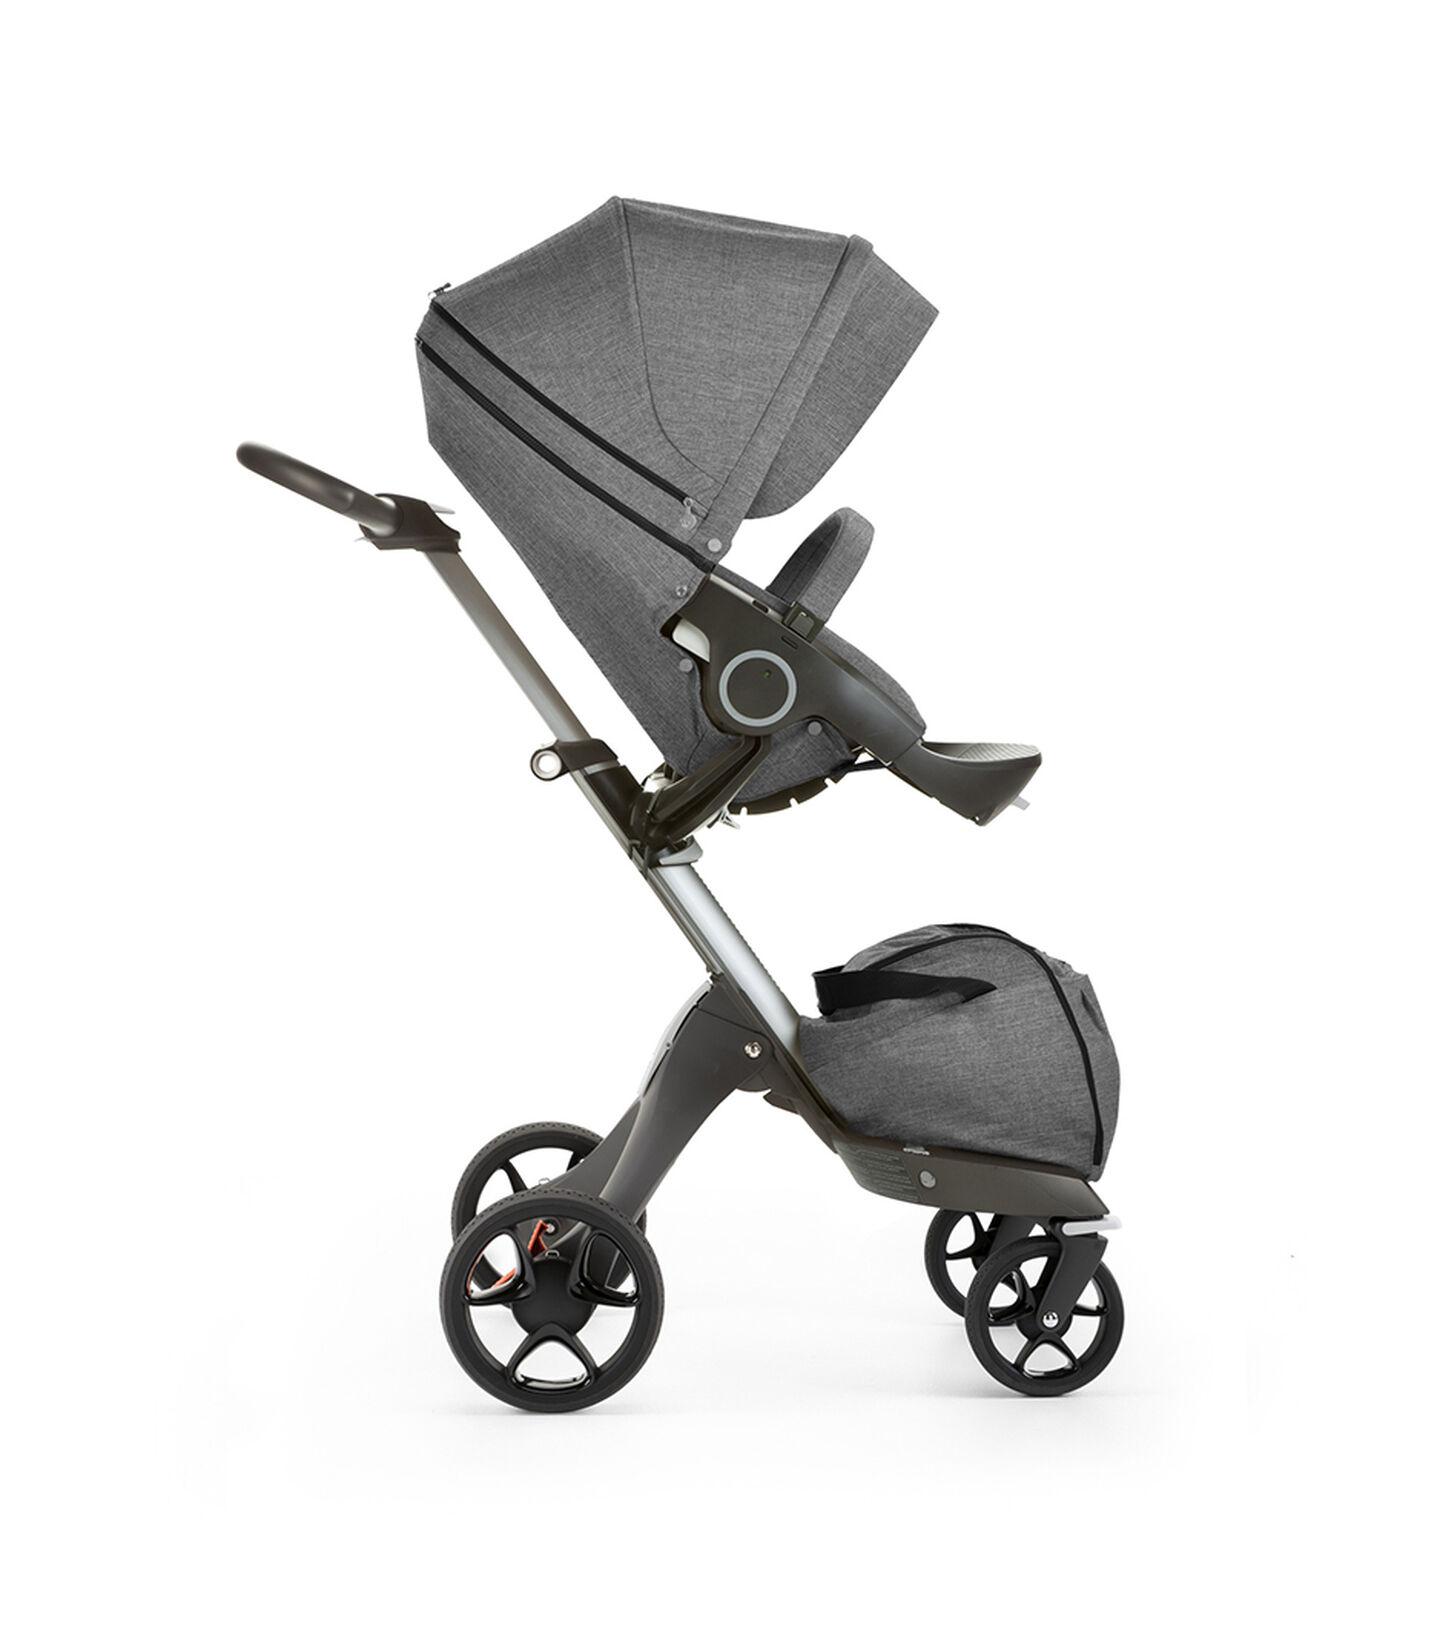 Stokke® Xplory® with Stokke® Stroller Seat, forward facing, rest position. Black Melange. New wheels 2016.